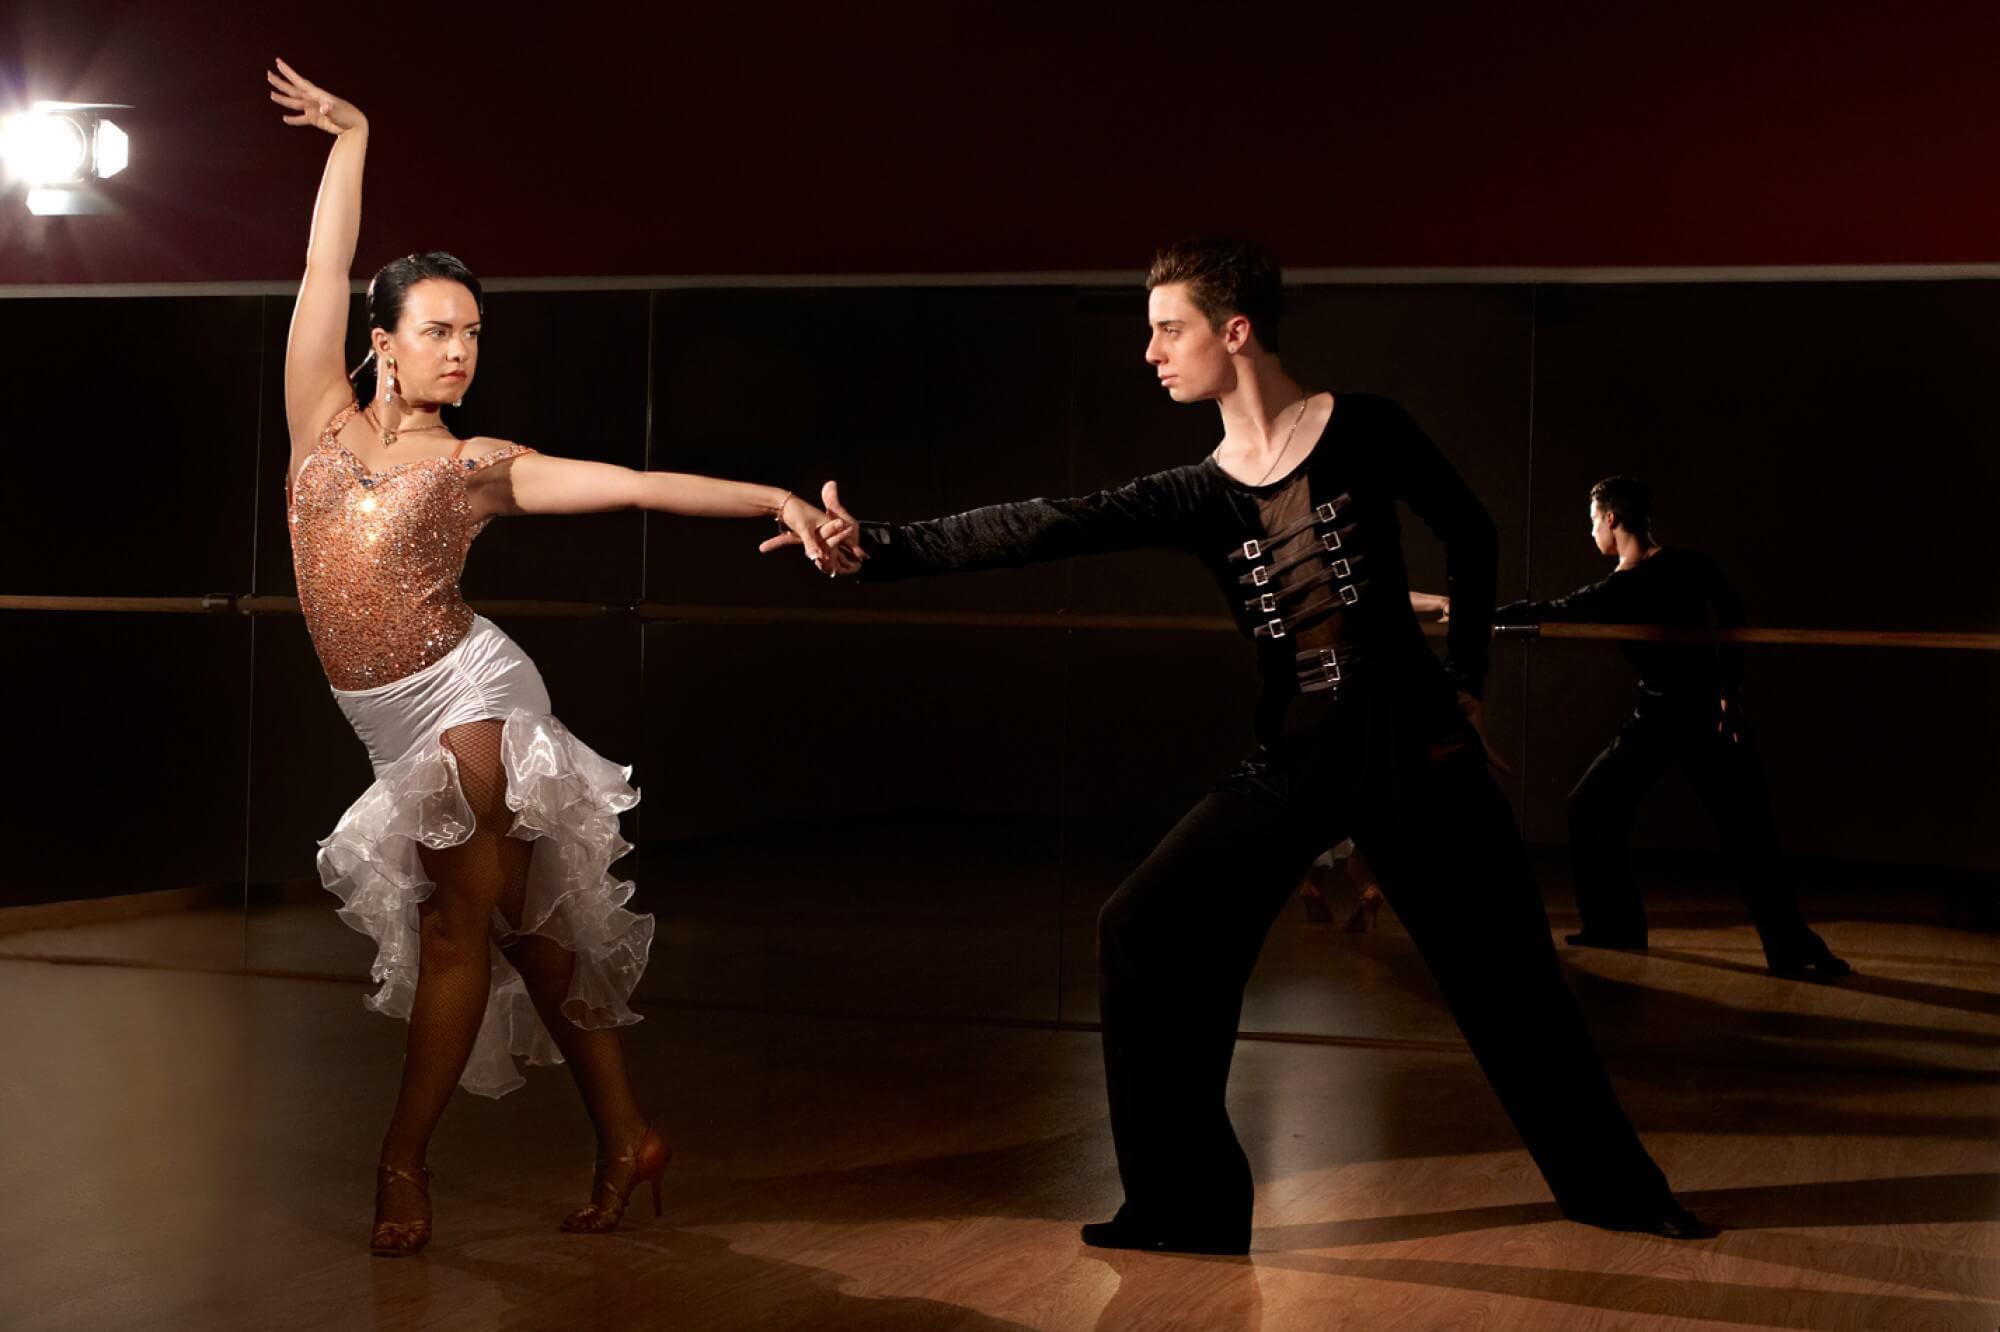 Incentivar expresión poética en formación dancística